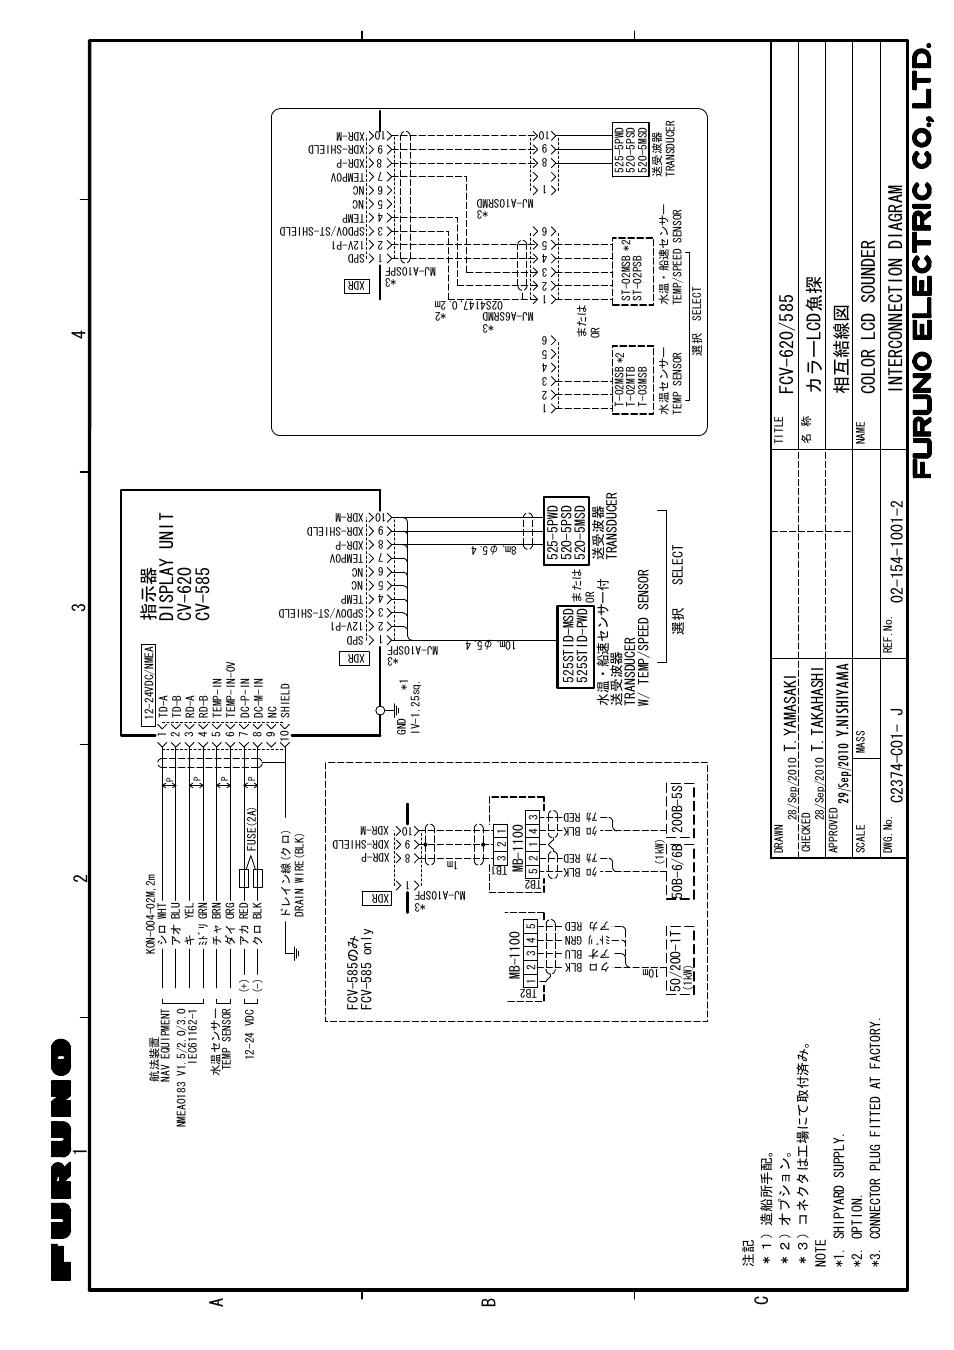 medium resolution of furuno wiring diagram wiring diagram articlefuruno mb1100 wiring diagram wiring diagram expert furuno gp 31 wiring